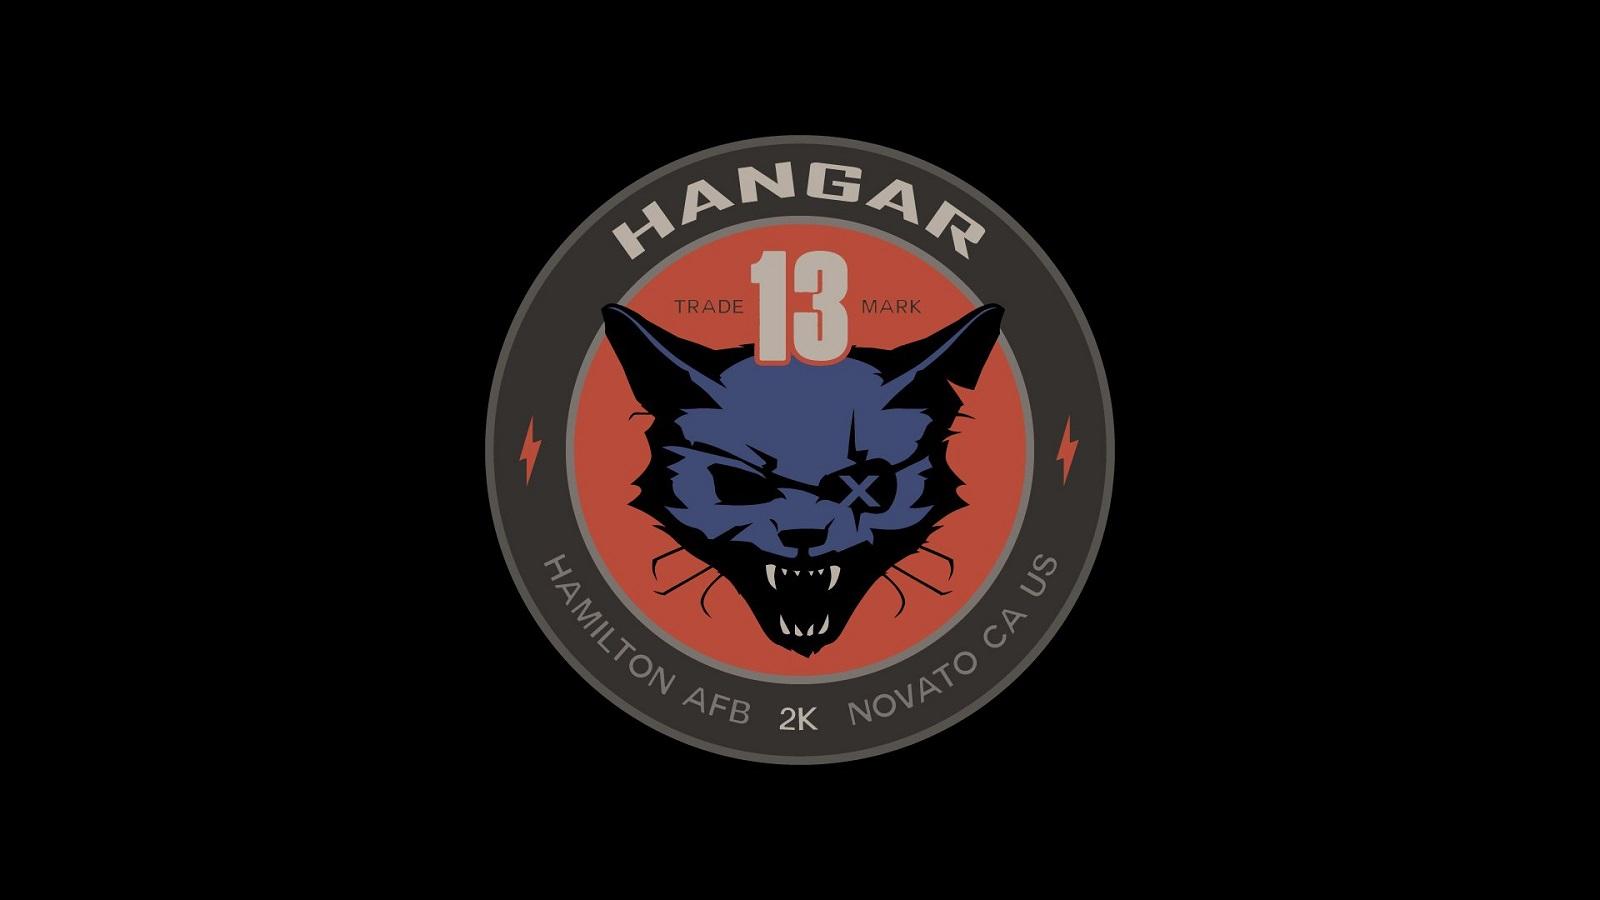 В новых вакансиях Hangar 13 отыскали информацию о следующей игре студии